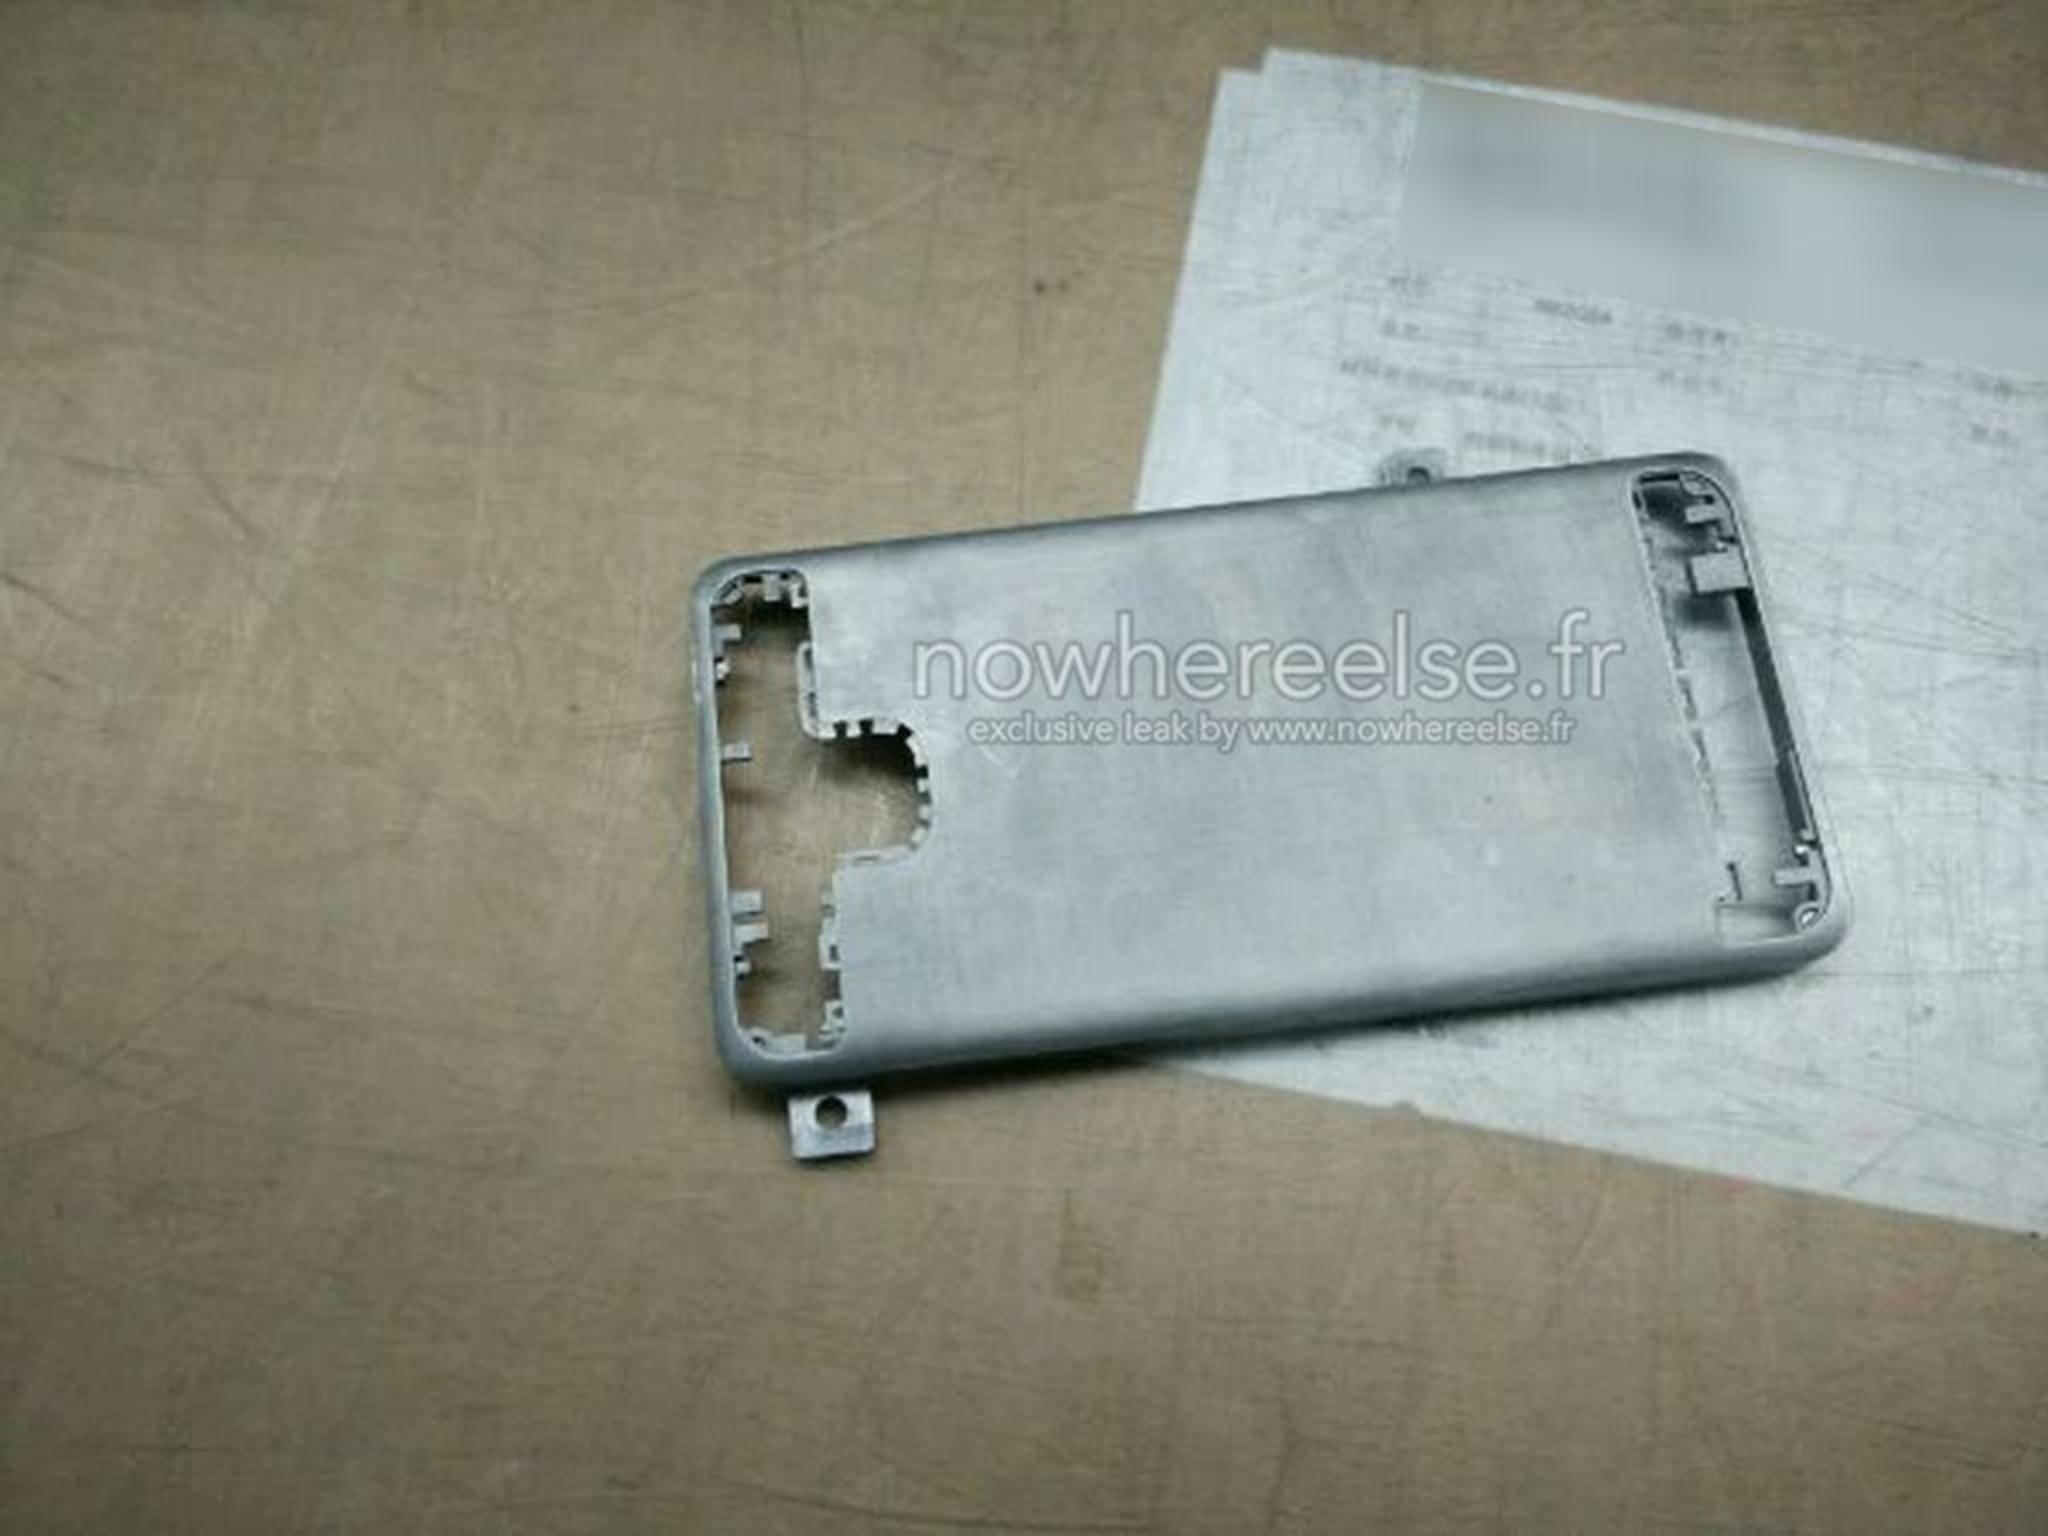 Noch schmucklos, aber robust: Das könnte die Hülle des Samsung Galaxy S6 sein.